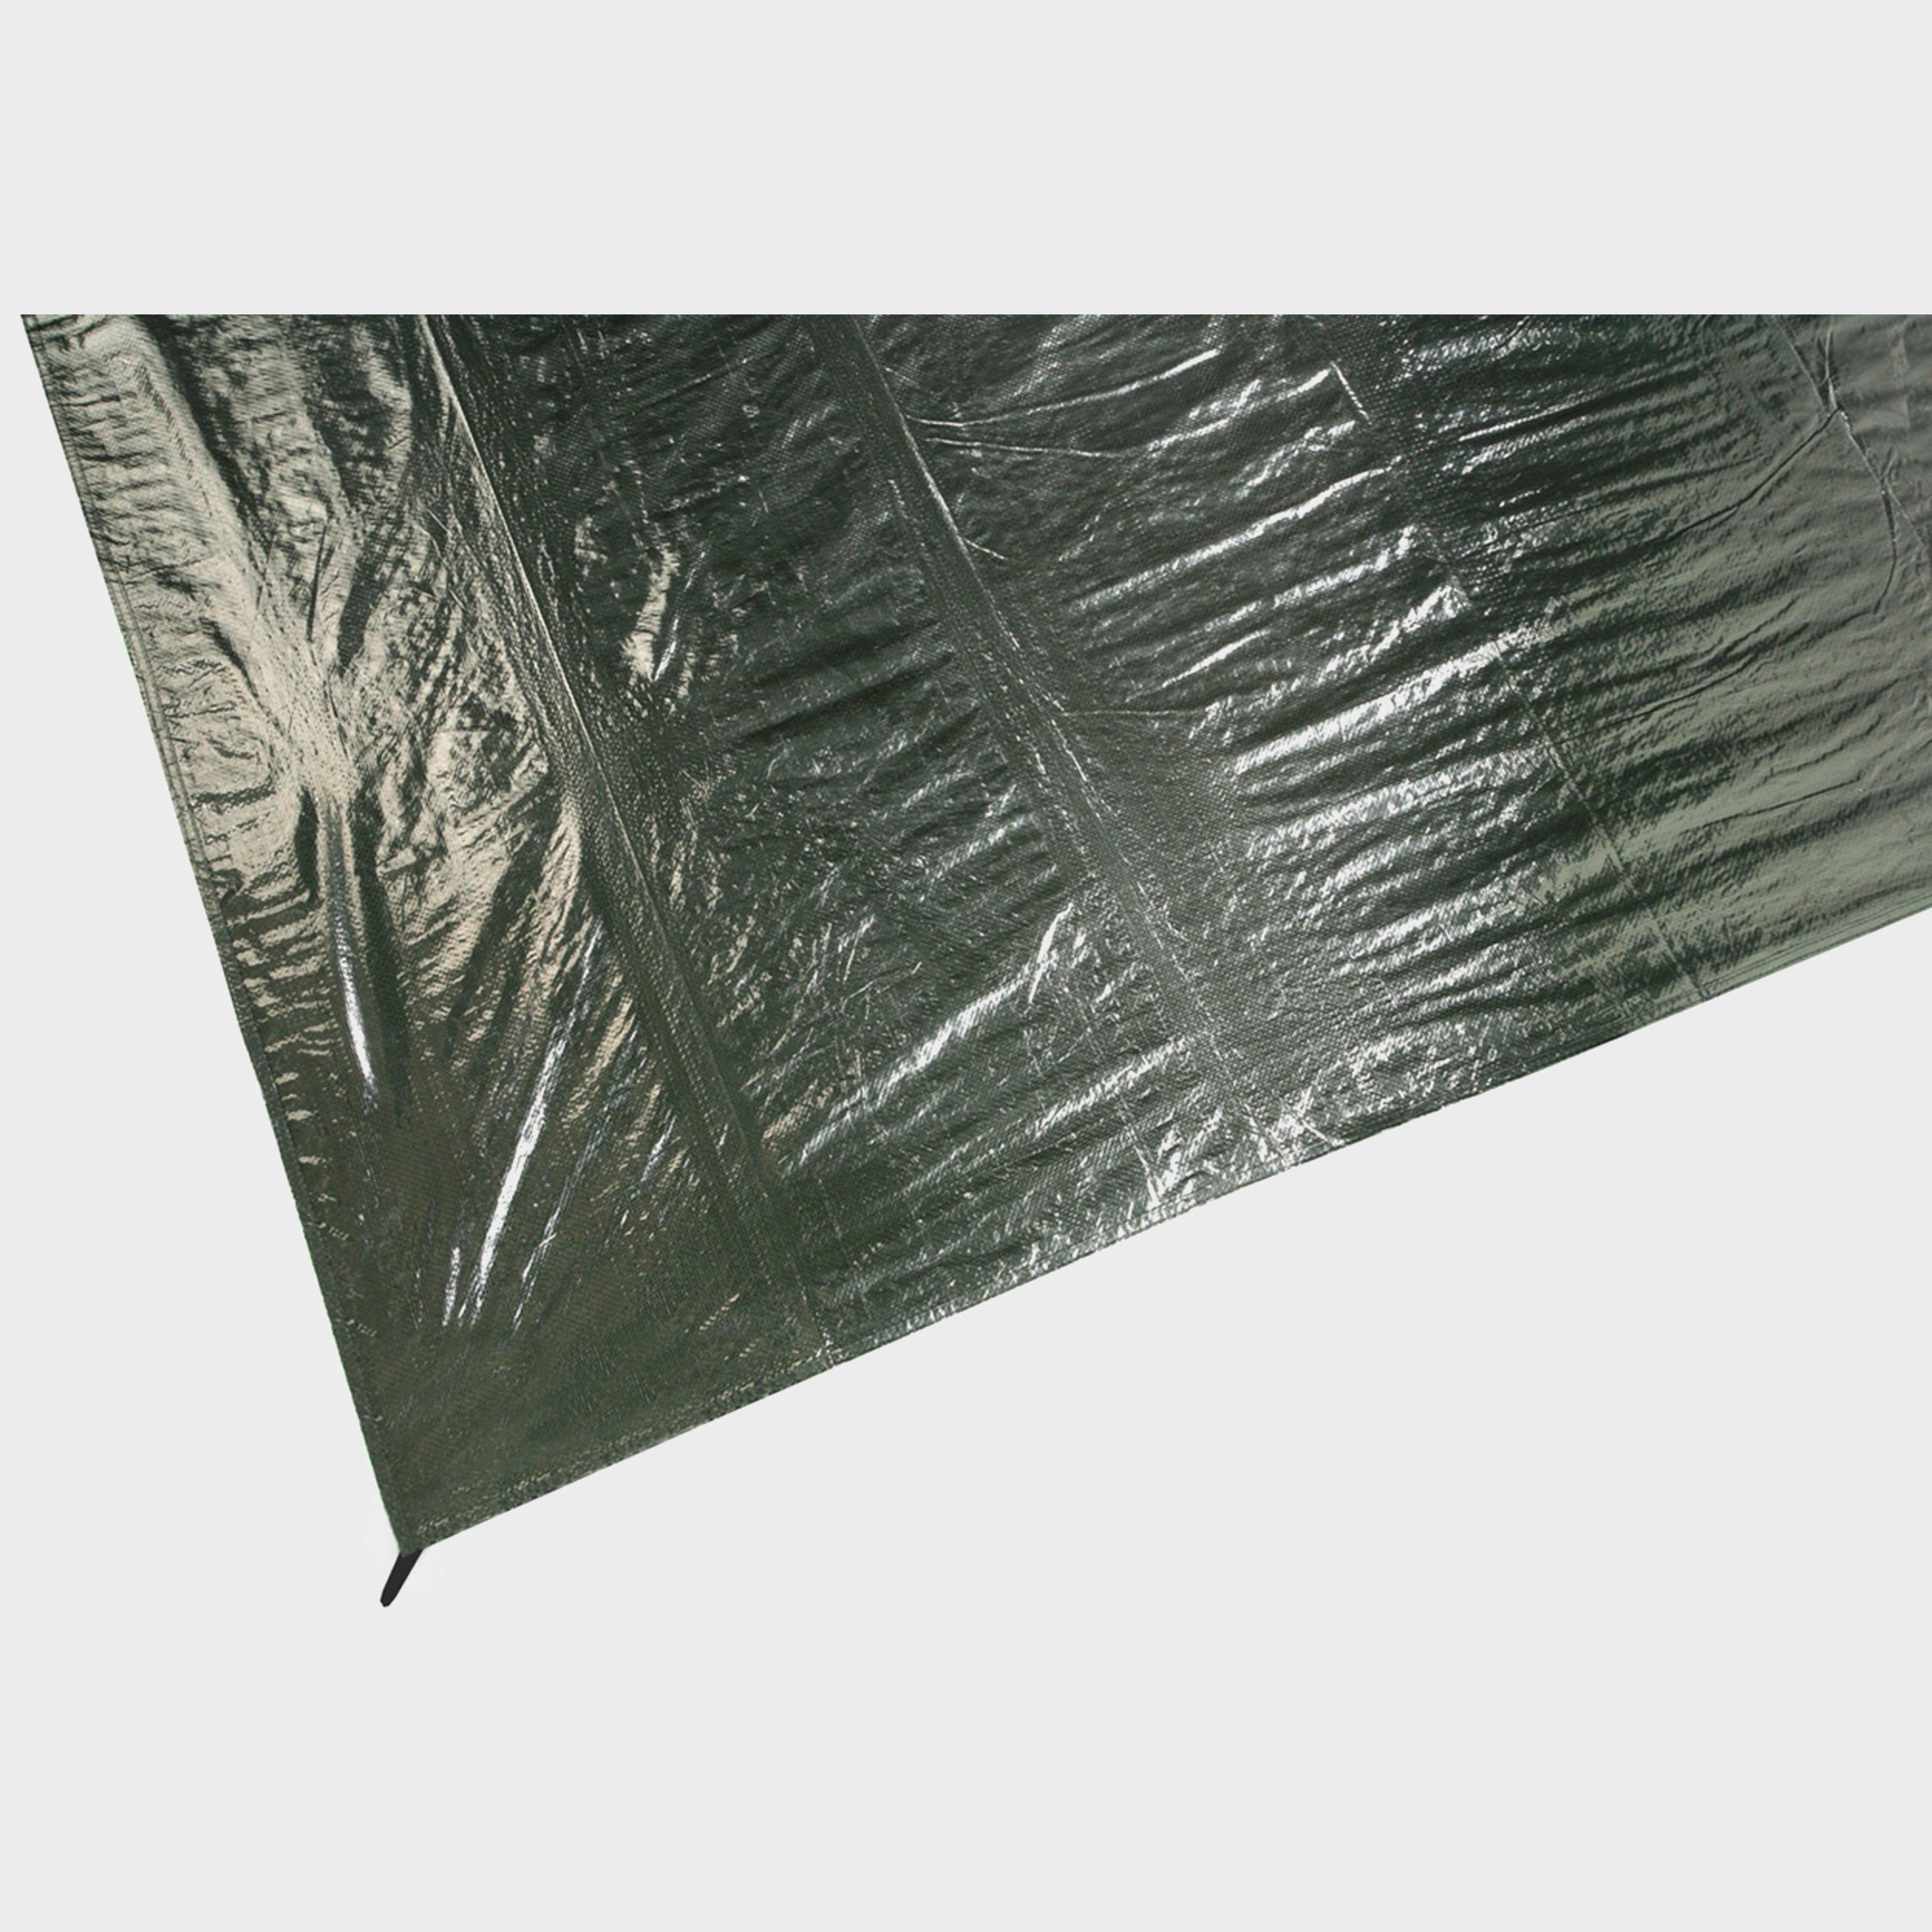 Vango Vango Rosewood Footprint - Green, Green